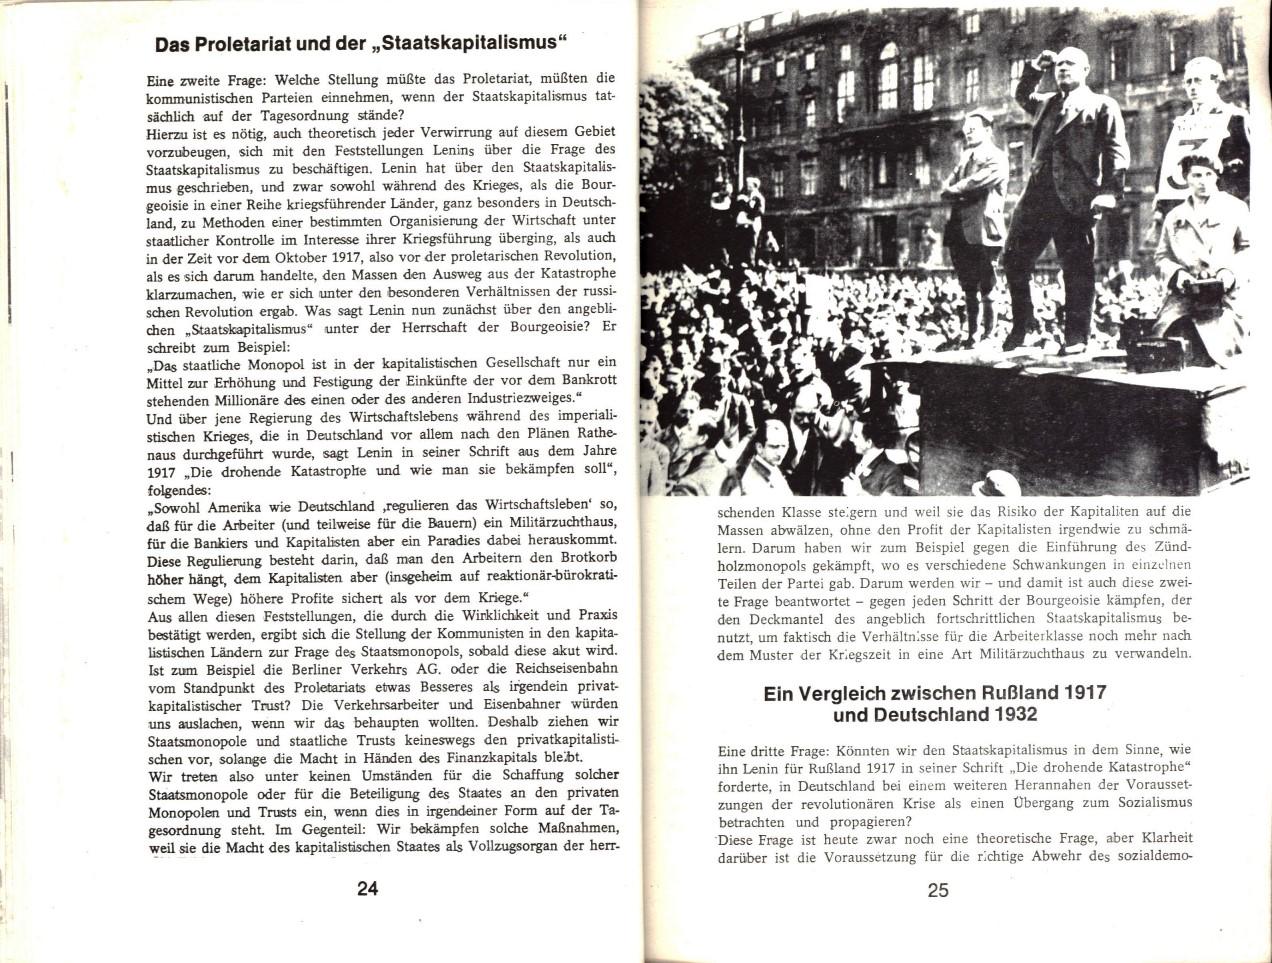 KPDAO_1974_Ernst_Thaelmann_14